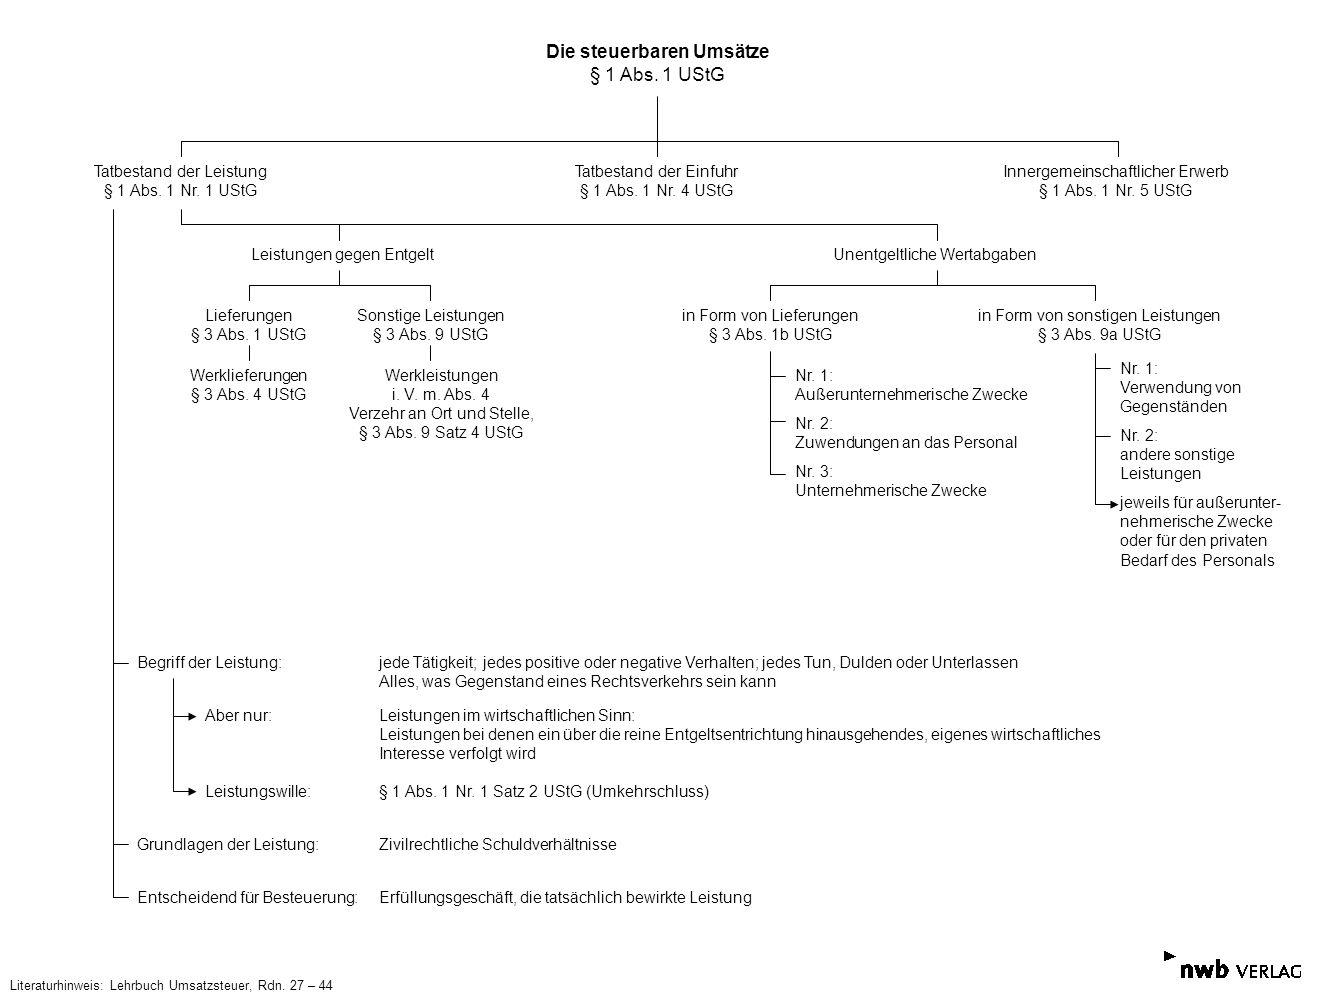 Die steuerbaren Umsätze § 1 Abs. 1 UStG